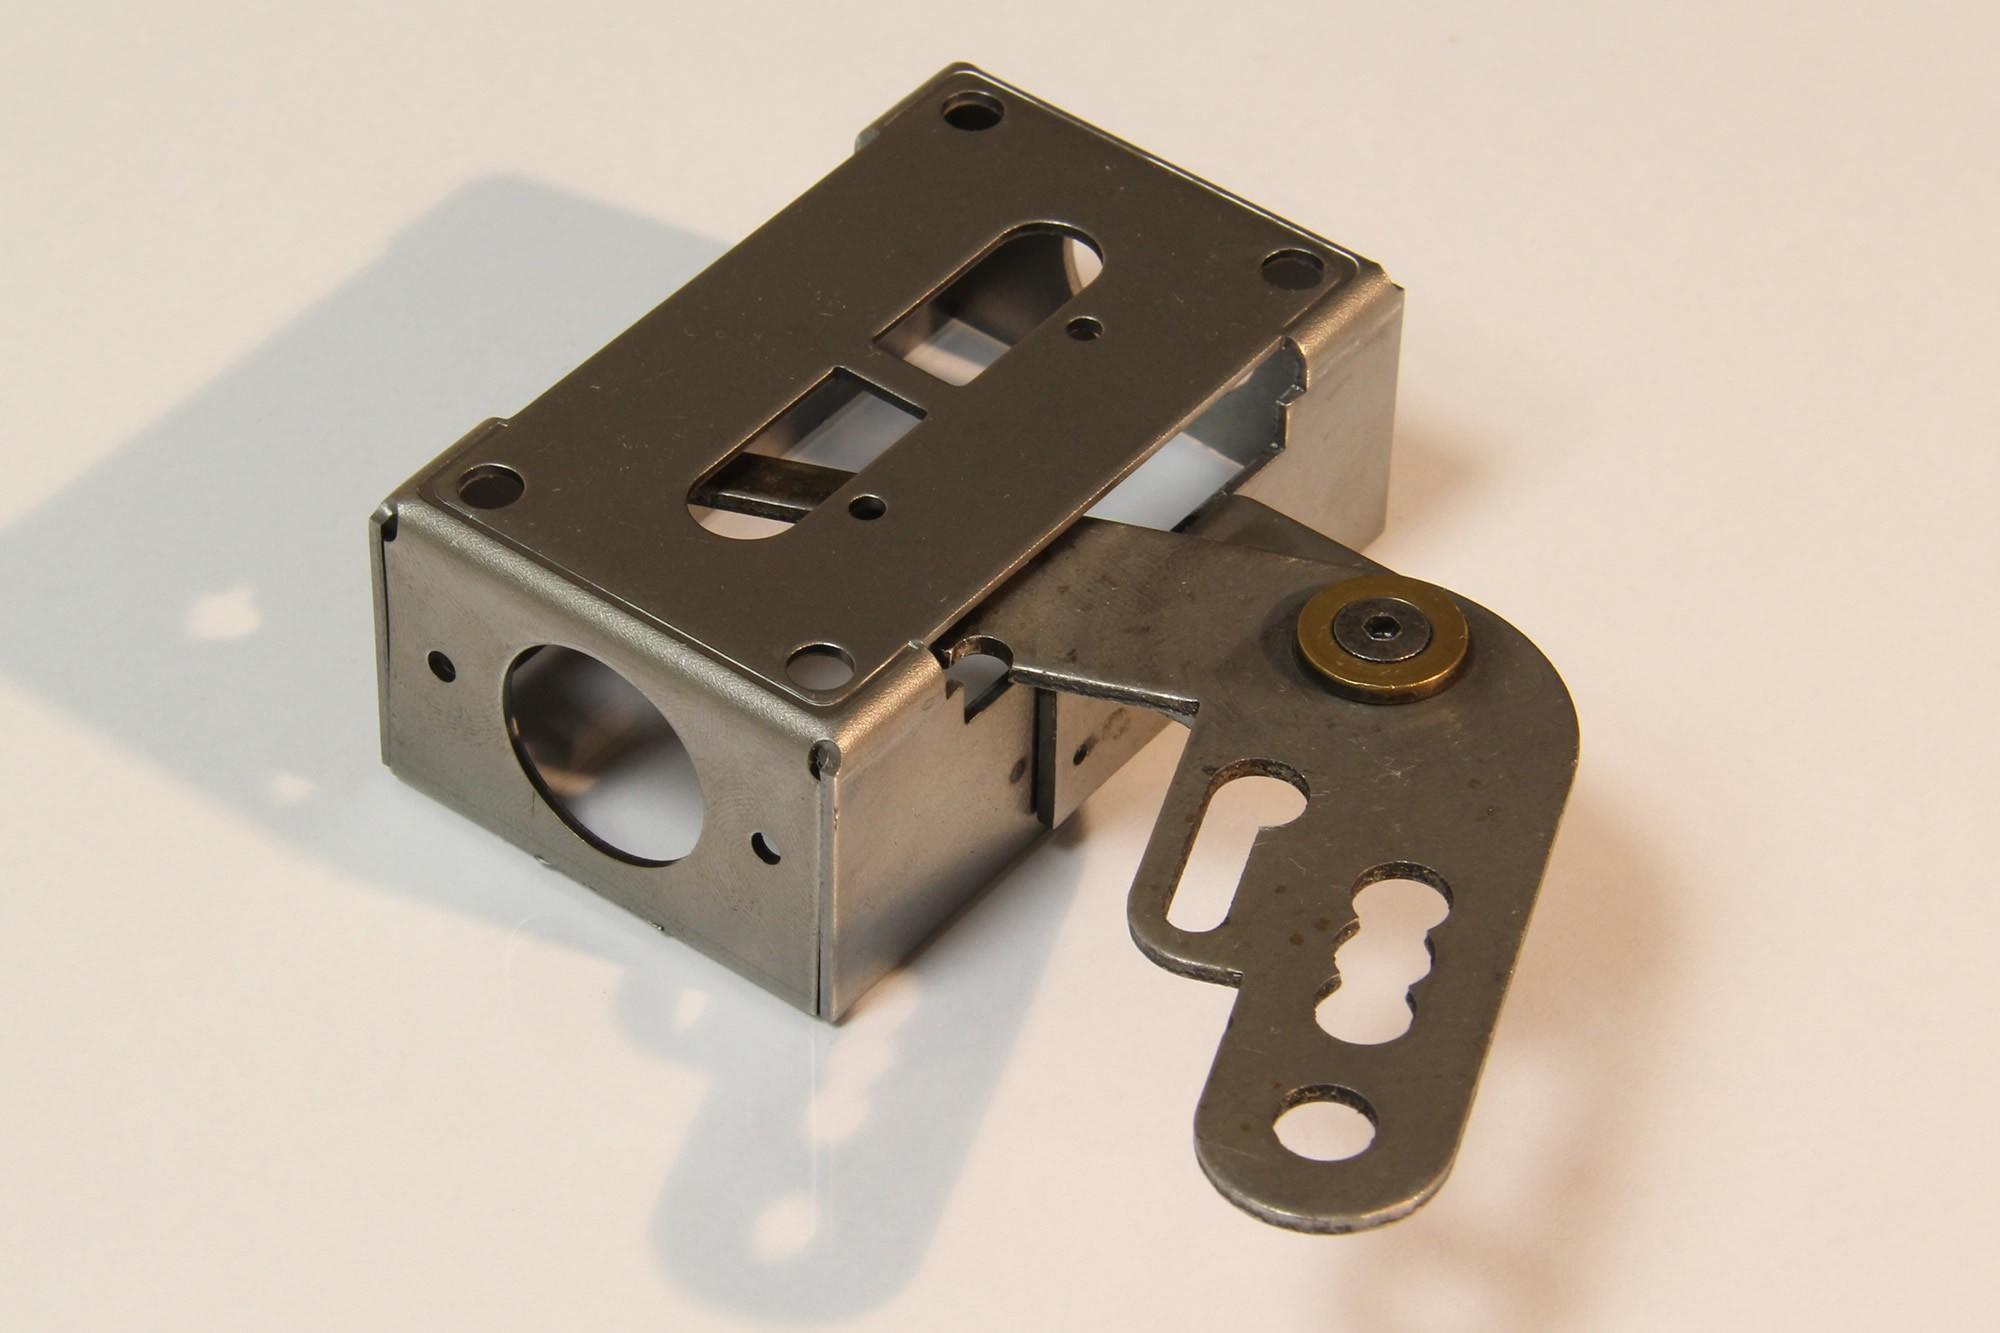 Security door component